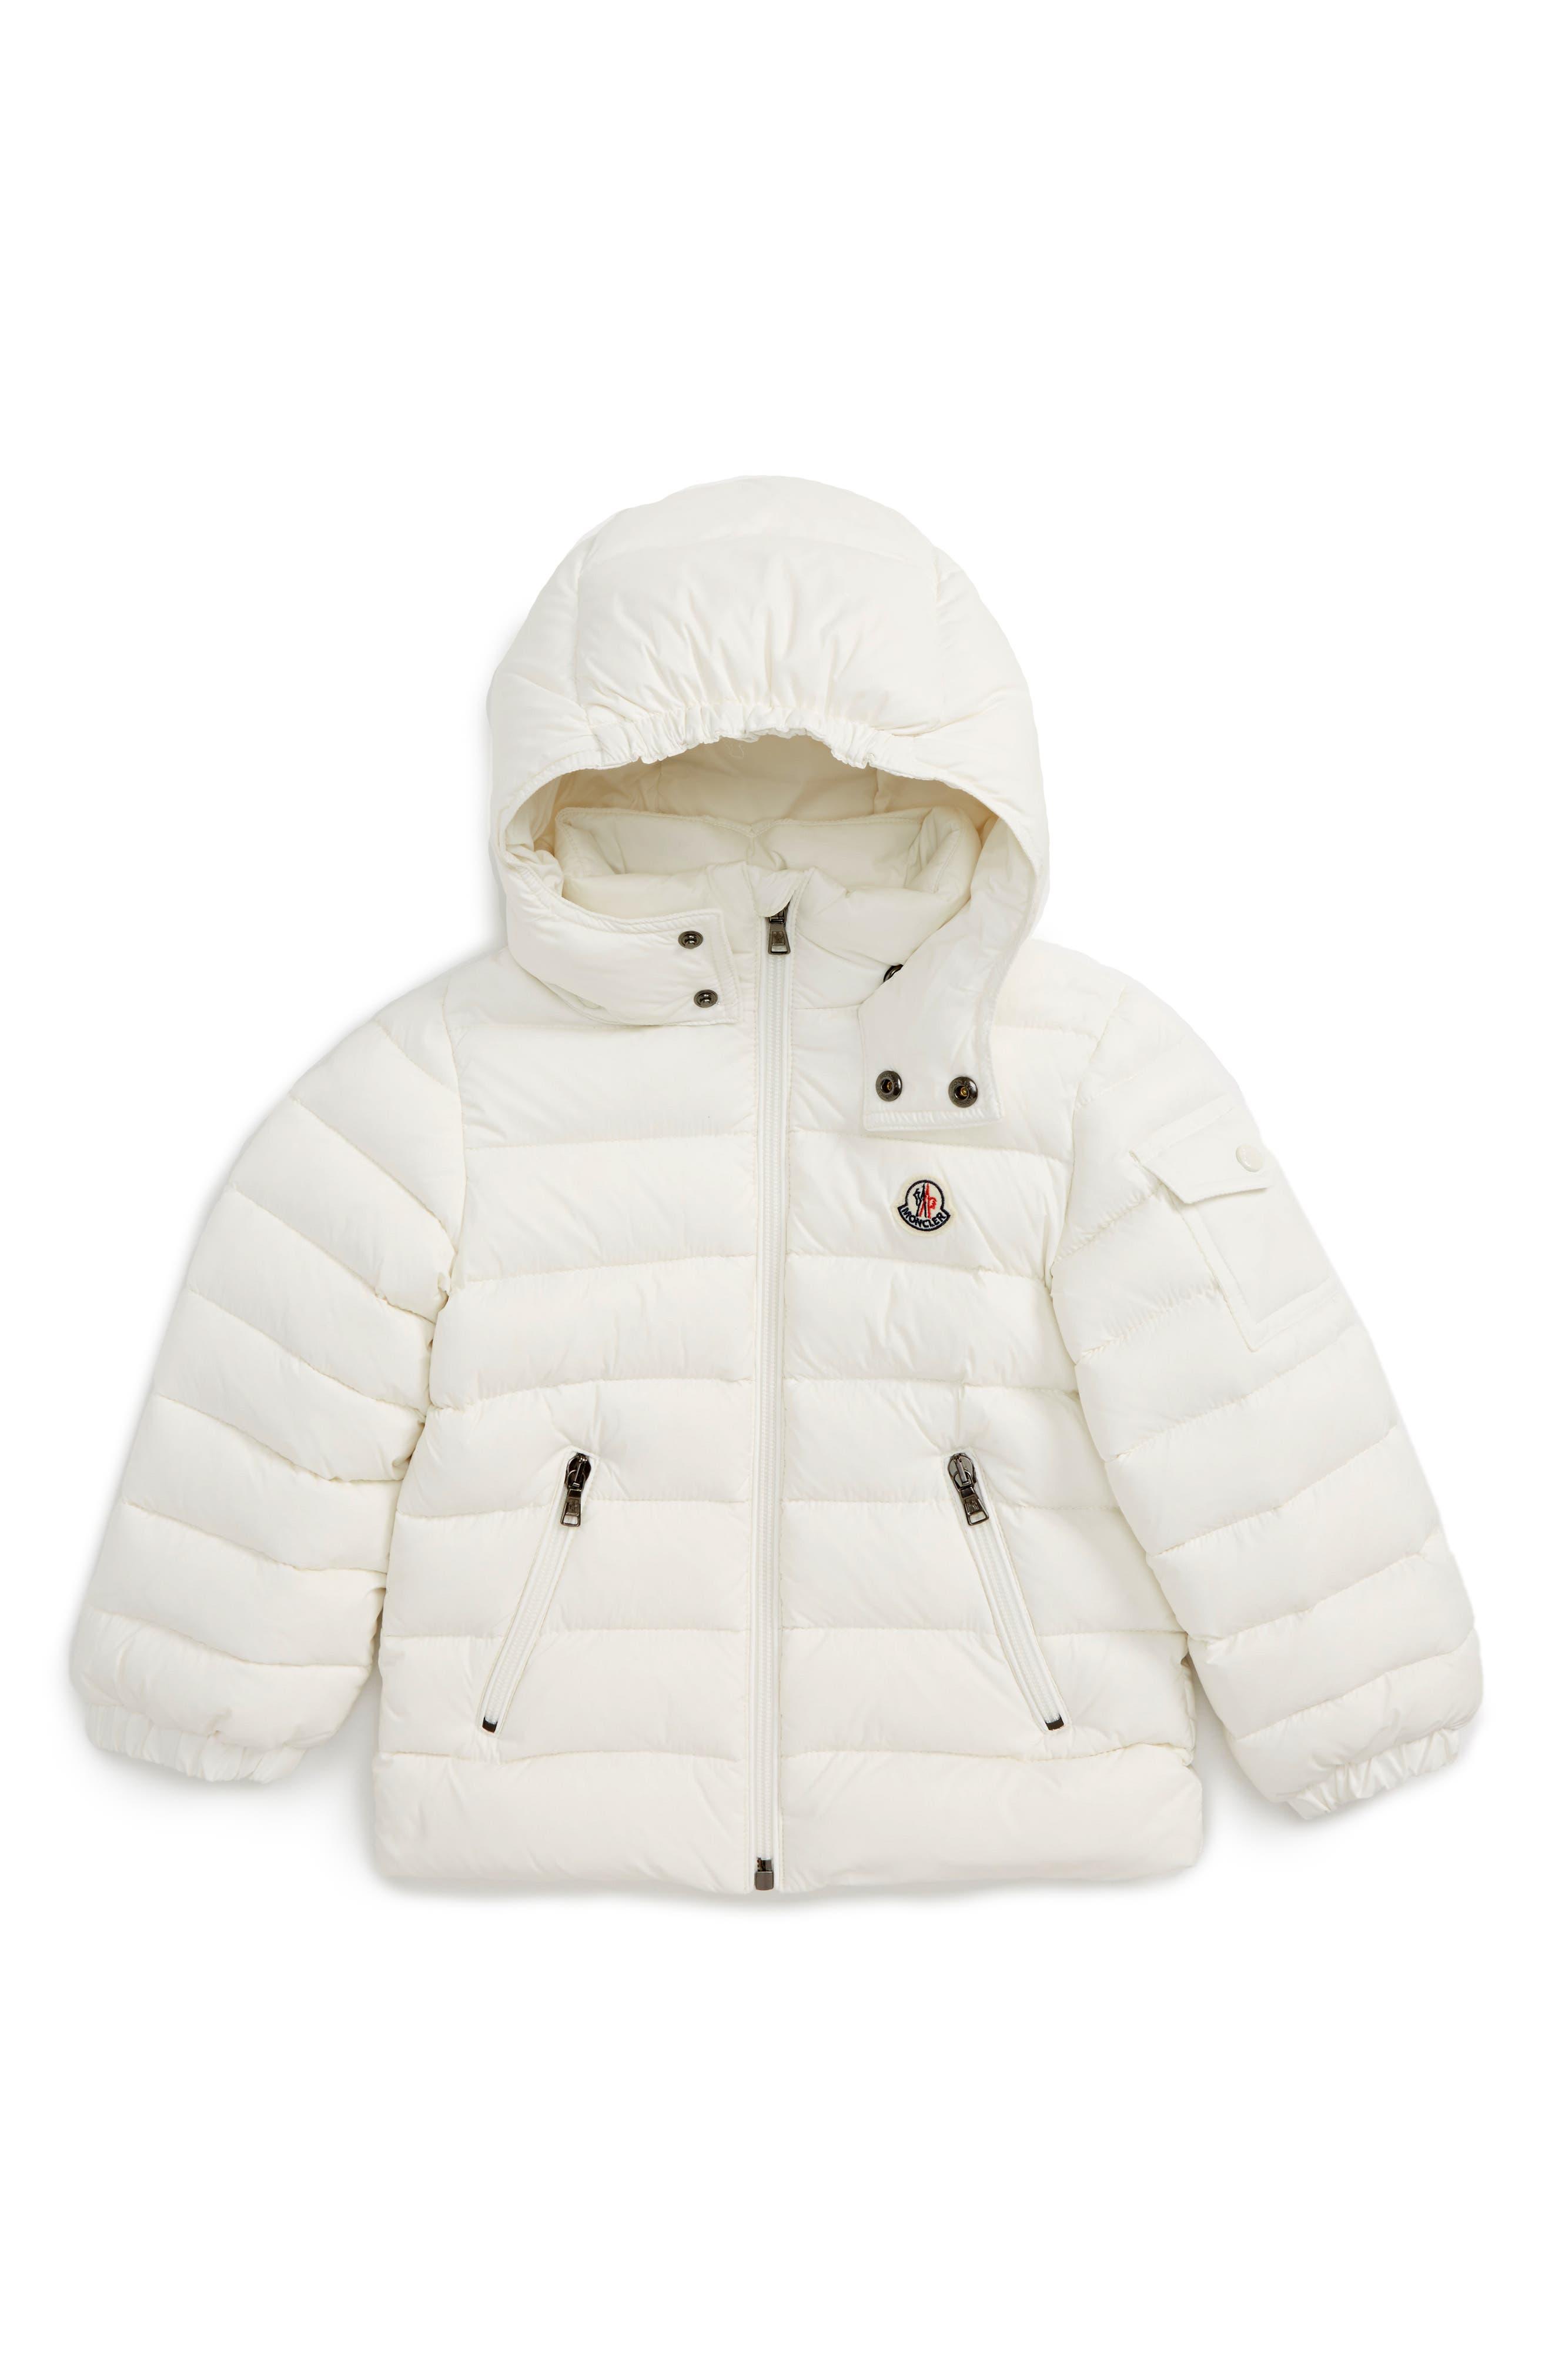 Moncler Jules Water Resistant Down Jacket (Toddler Girls)